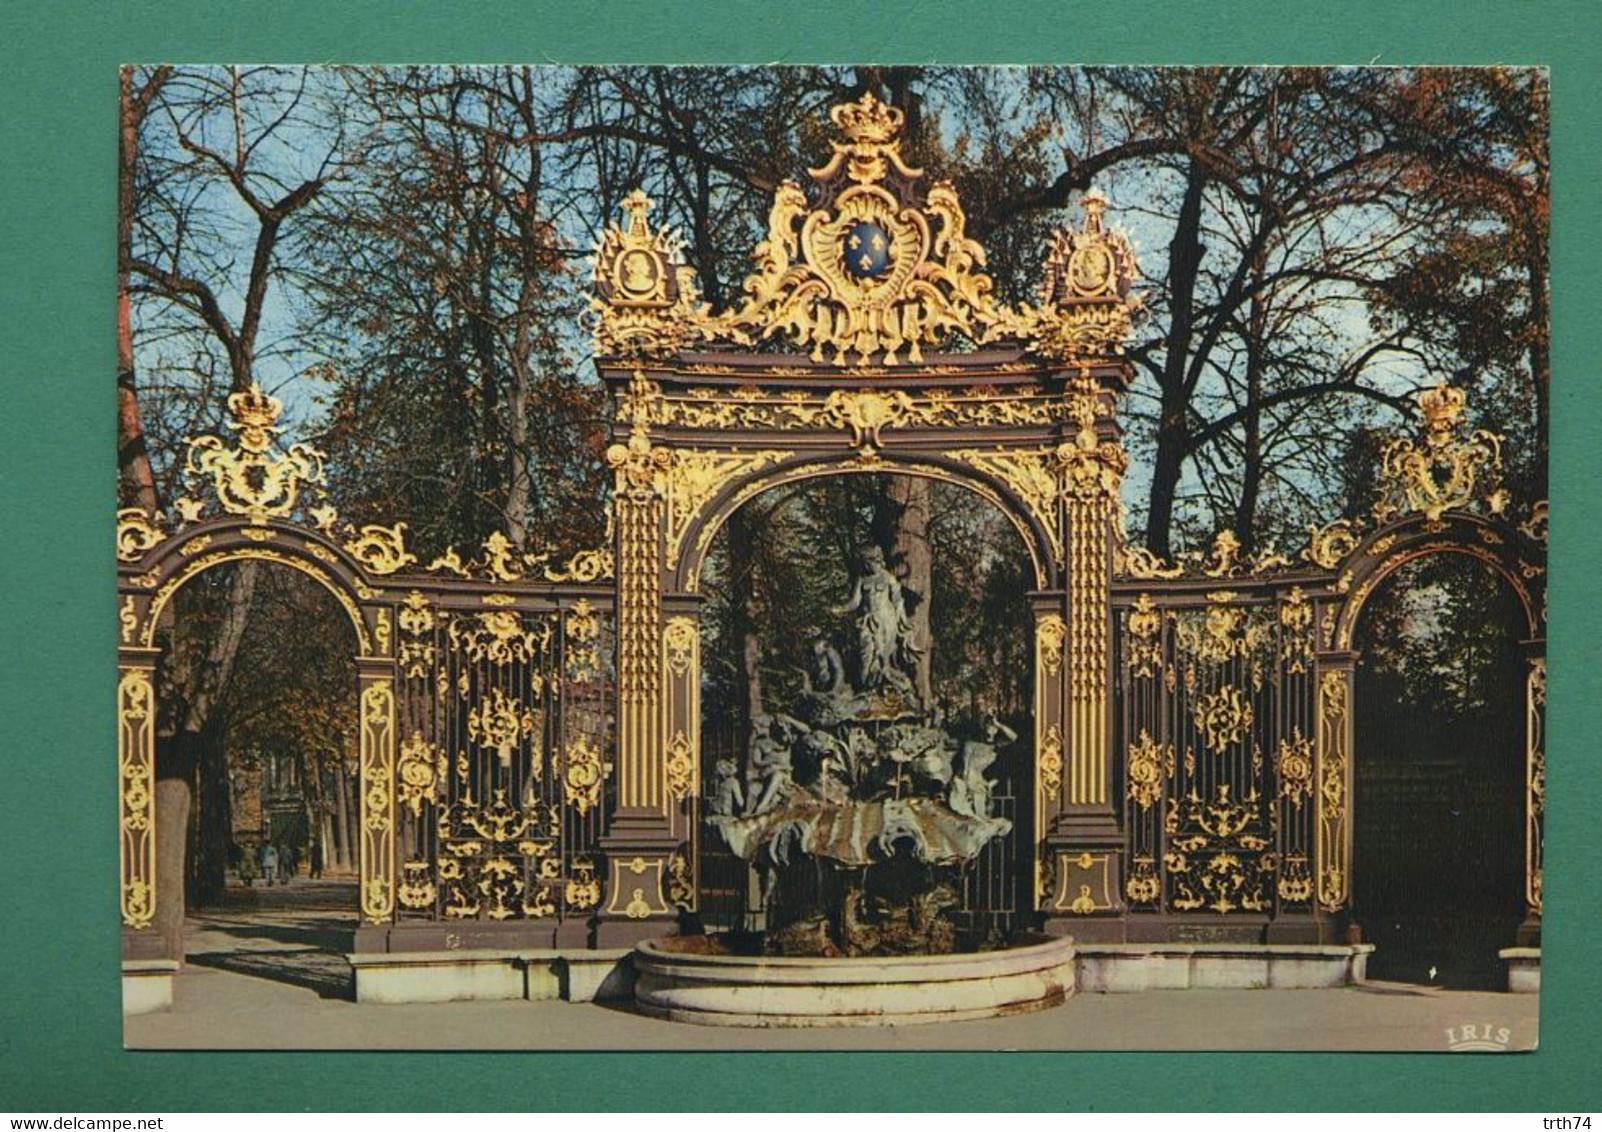 54 Nancy Place Stanislas Fontaine Amphitrite Sculpteur Guibal Grille De Jean Lamour 09 - Nancy